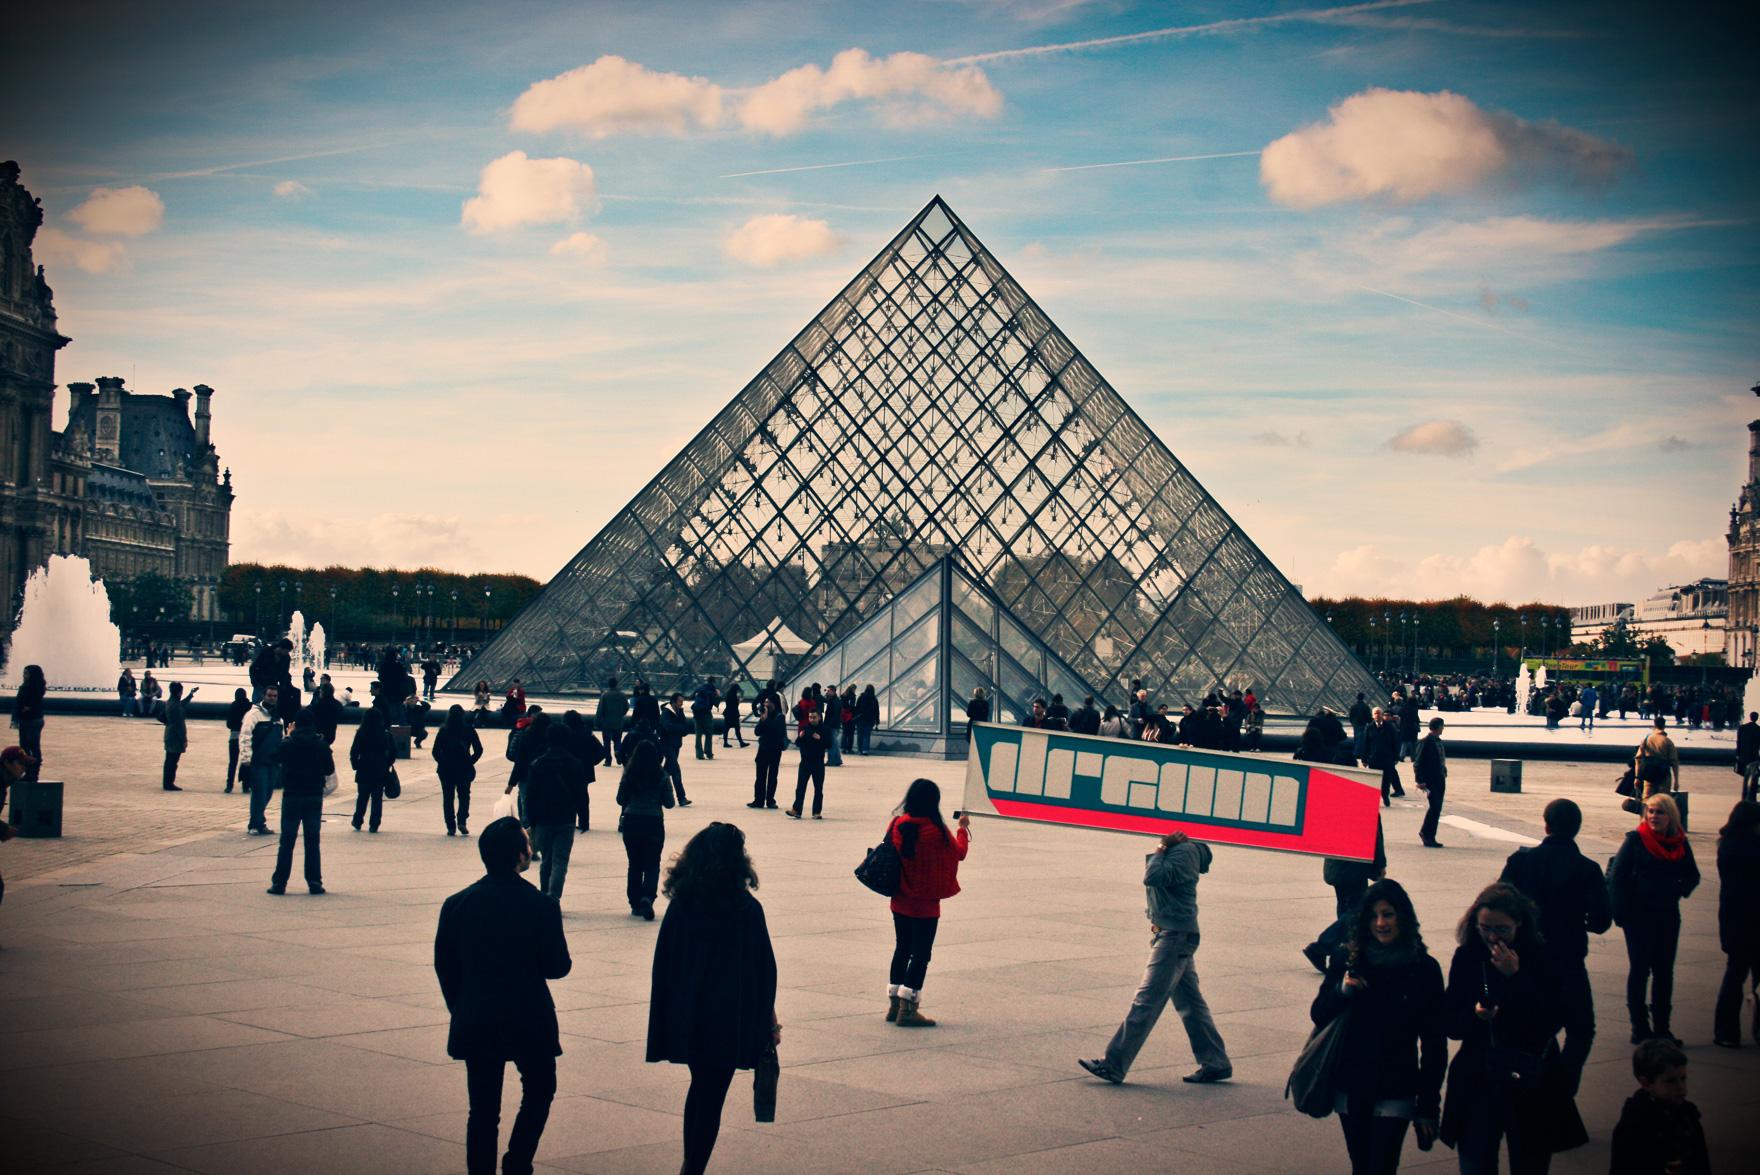 Pyramide du Louvre_dream_Paris_by_camilo_rojas_paris (10)_o.jpg